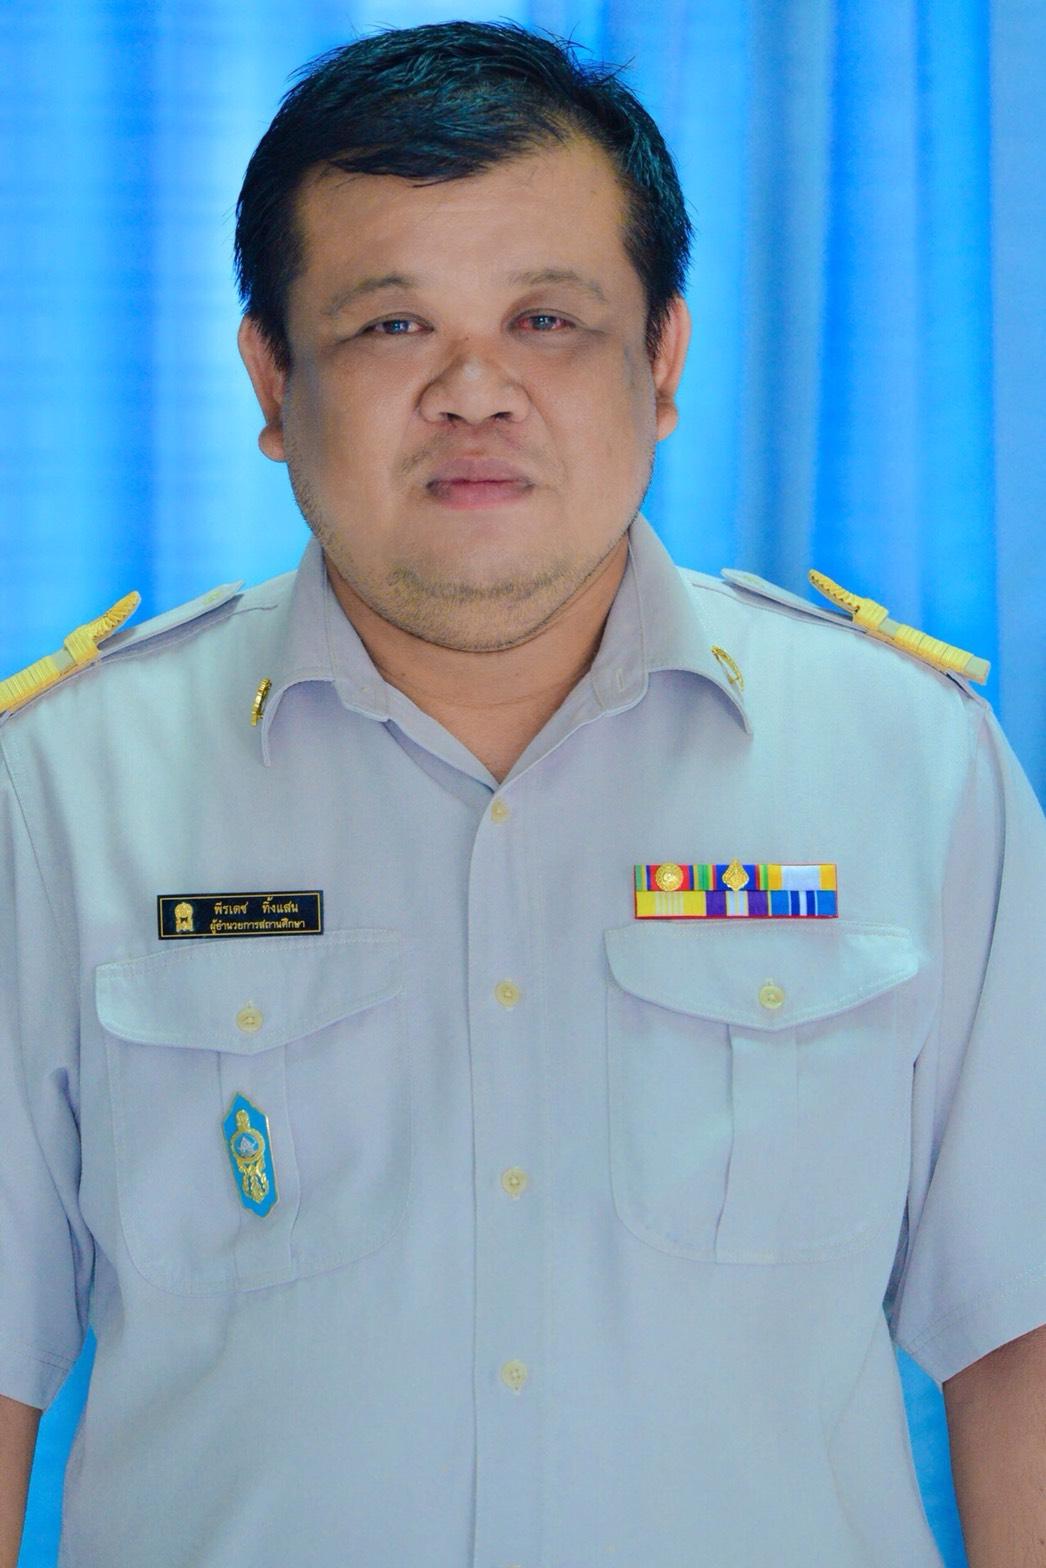 นายพีรเดช ทิ้งแสนผู้อำนวยการโรงเรียนบ้านหนองเซียงซุยโนนสะอาด โทร : 088-5494555 Email : Rongpee@gmail.com